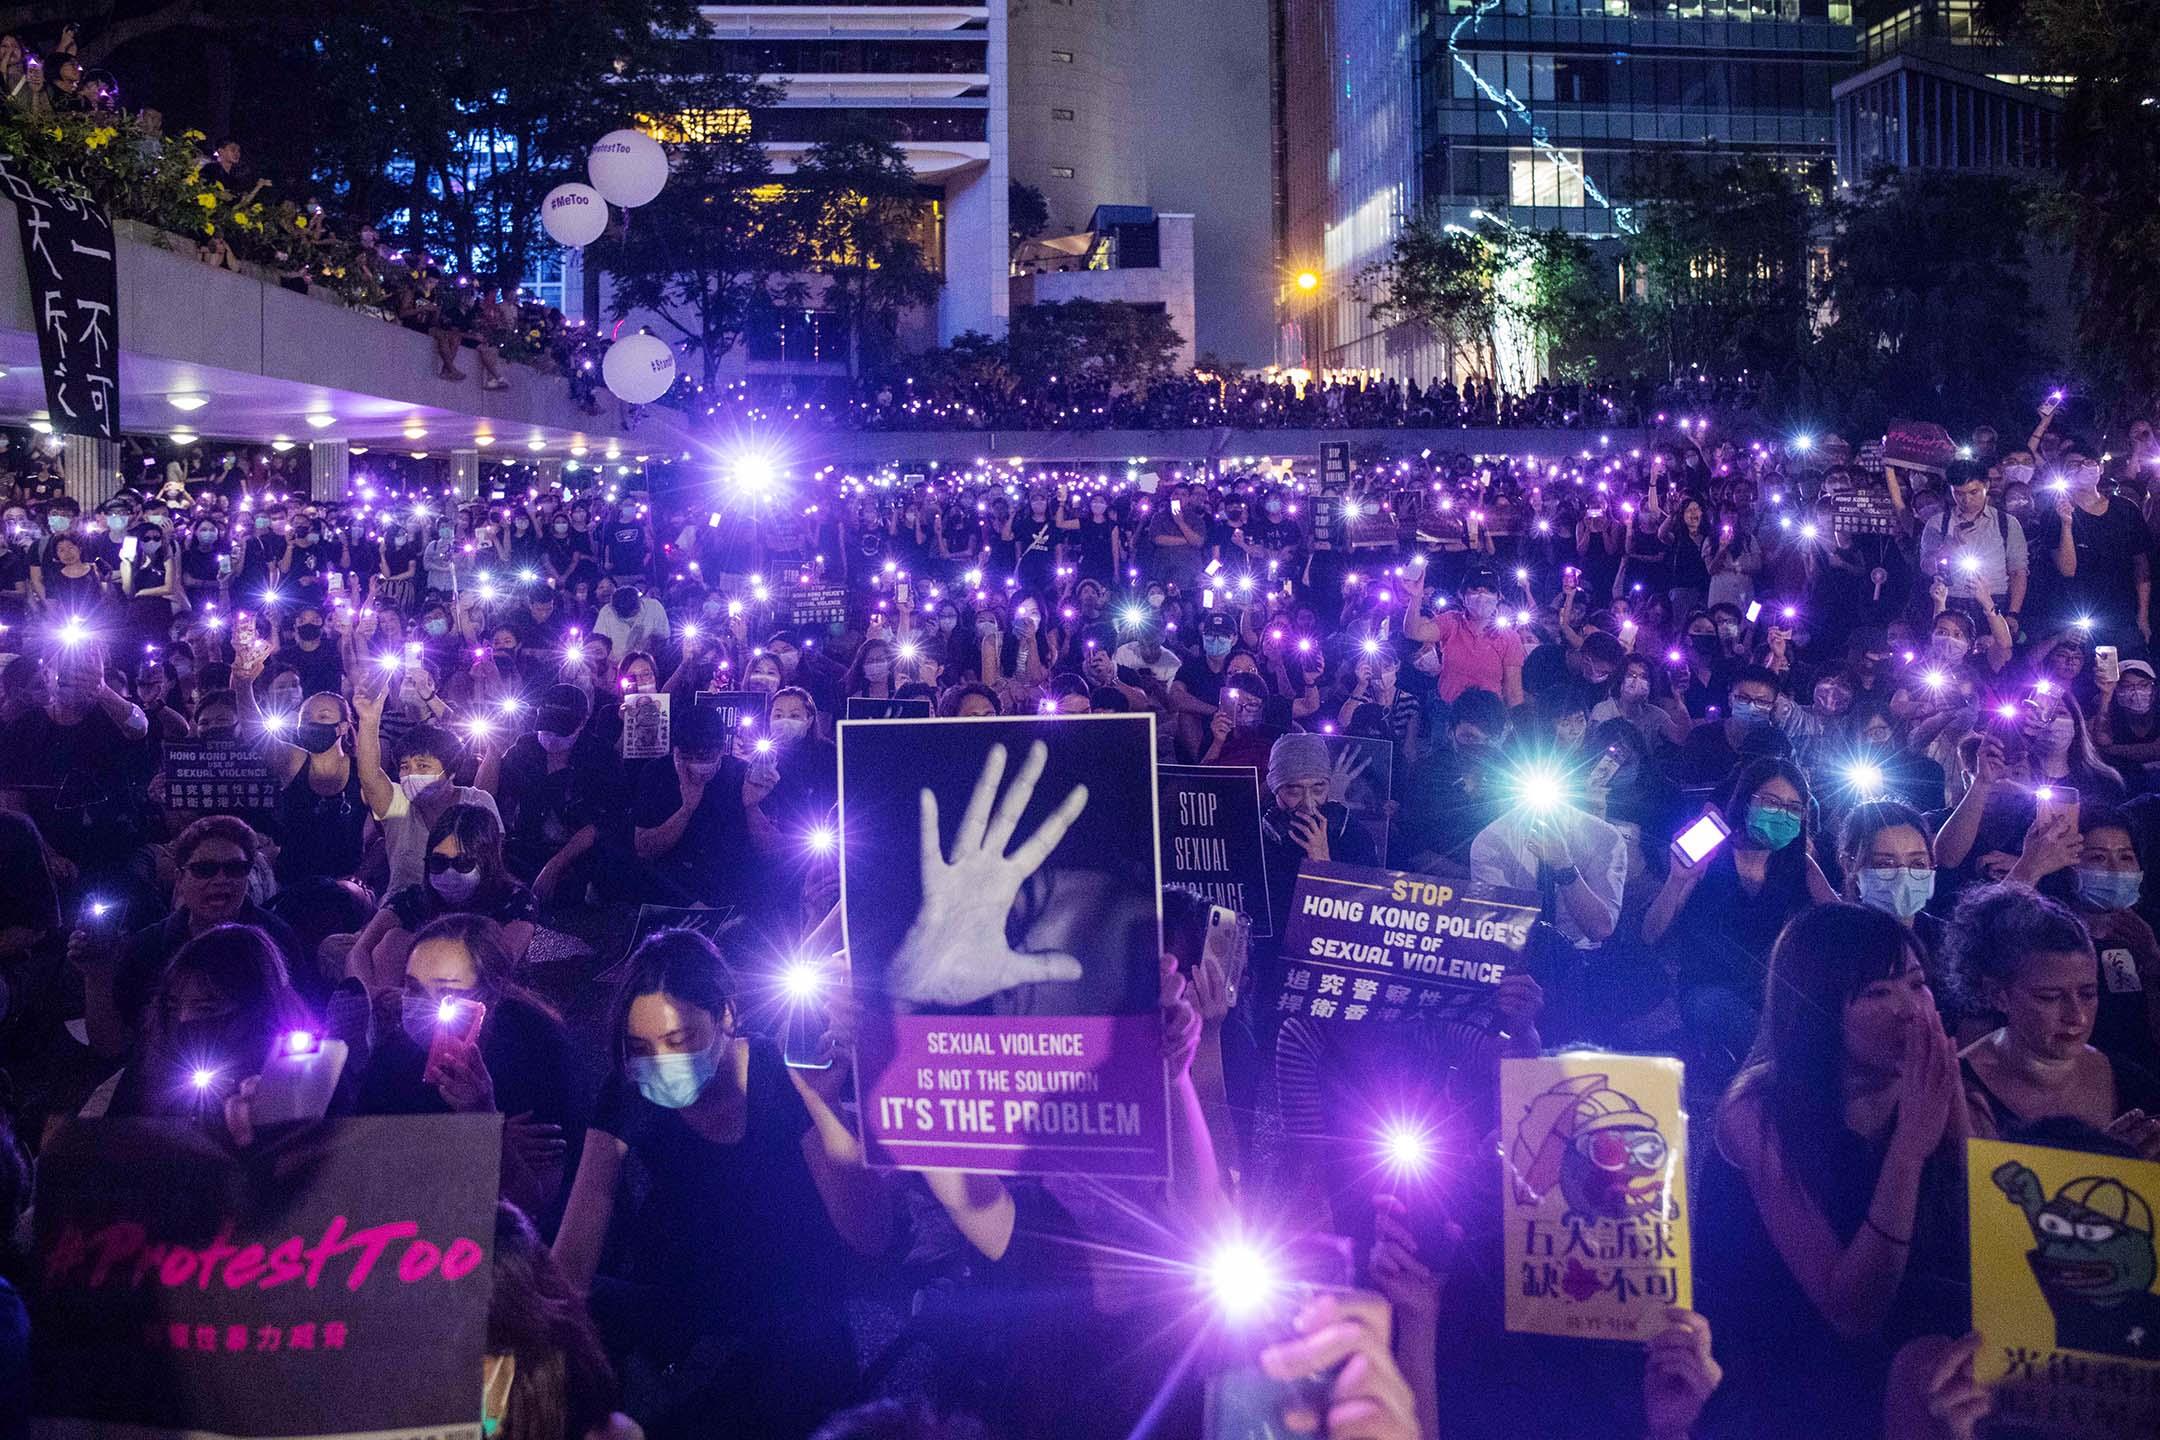 2019年8月28日,平等機會婦女聯席在遮打花園發起集會,主題為「執法為名 凌辱為實」,追討警方以性暴力鎮壓示威者。 攝:陳焯煇/端傳媒